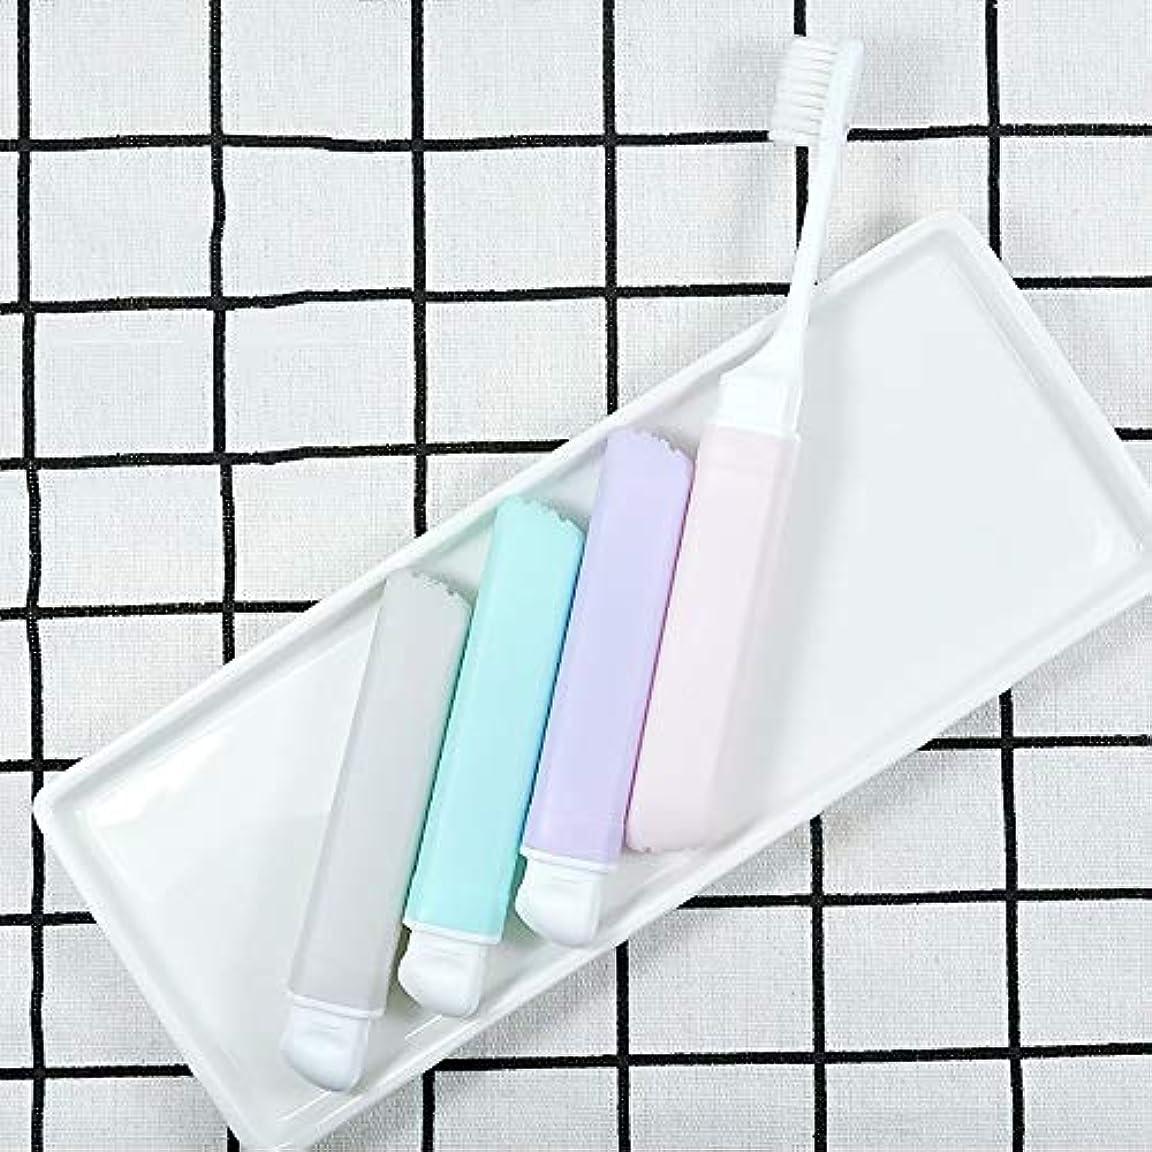 化学者学習輝く歯ブラシ 10柔らかい歯ブラシ、携帯用歯ブラシ、折り畳み式の大人歯ブラシ - 10パック KHL (サイズ : 10 packs)